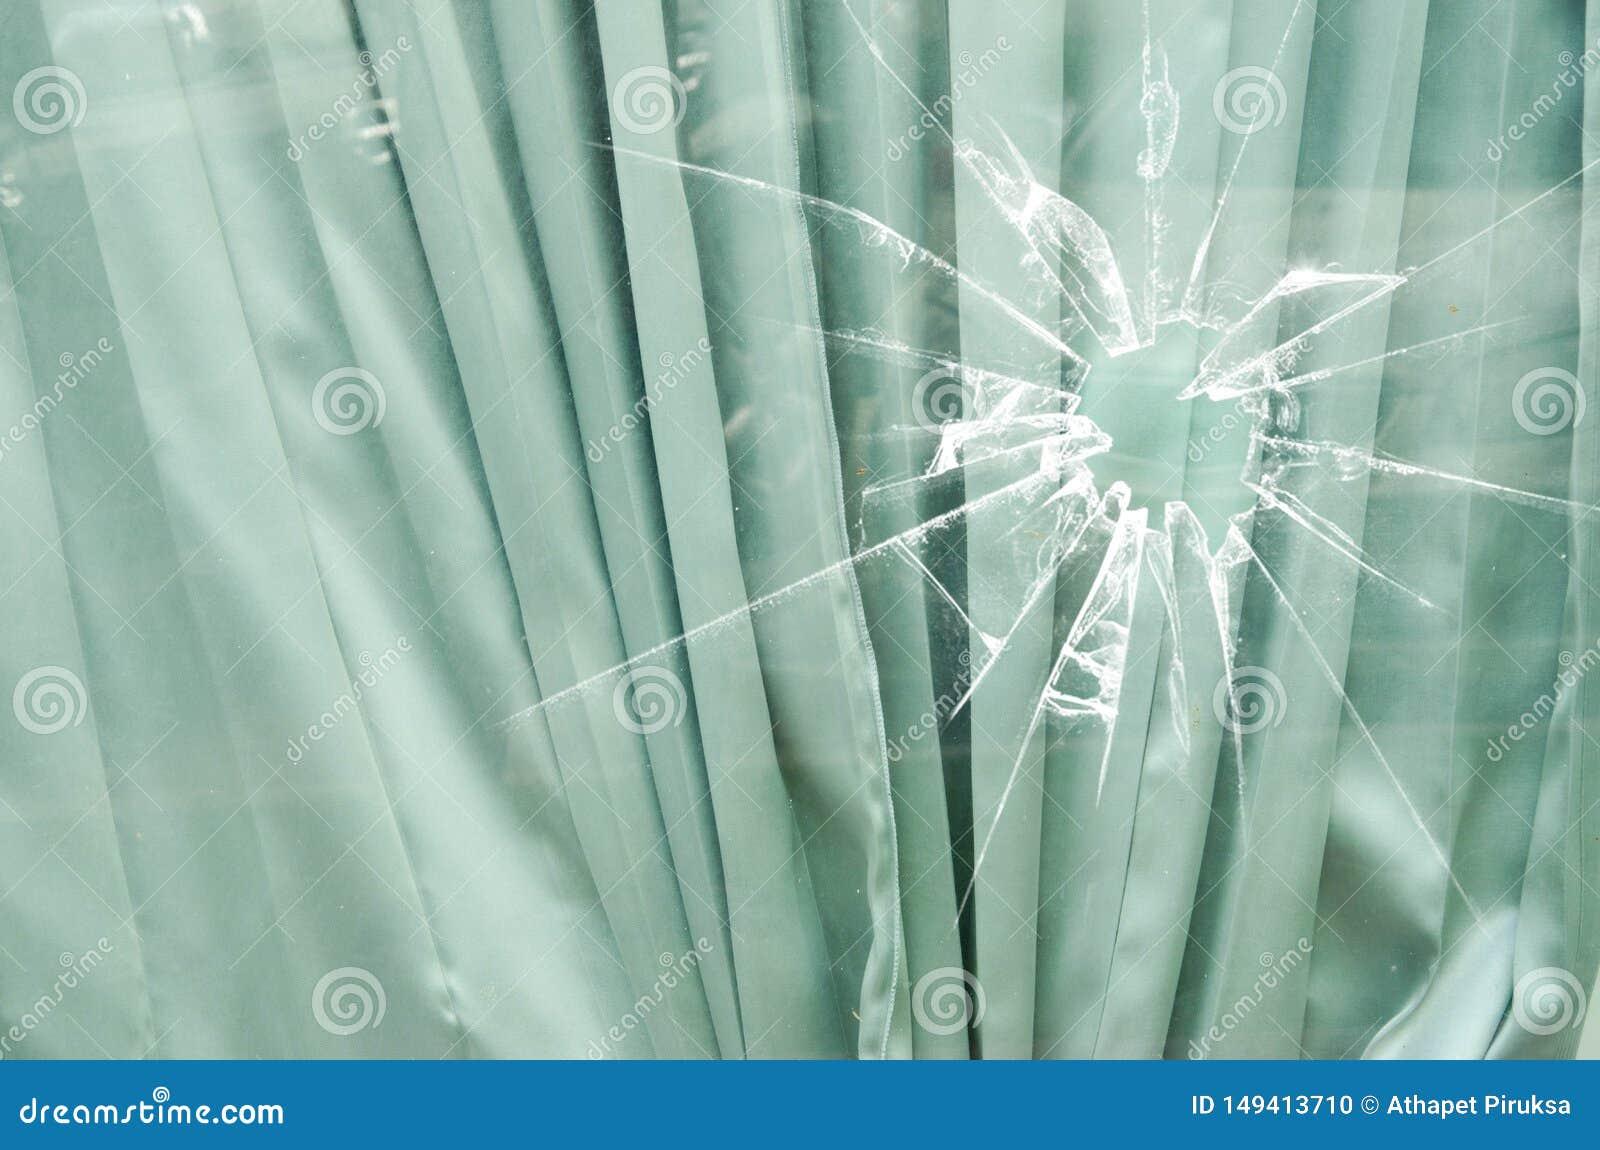 Gevouwen gordijnpatroon achter gebroken glas